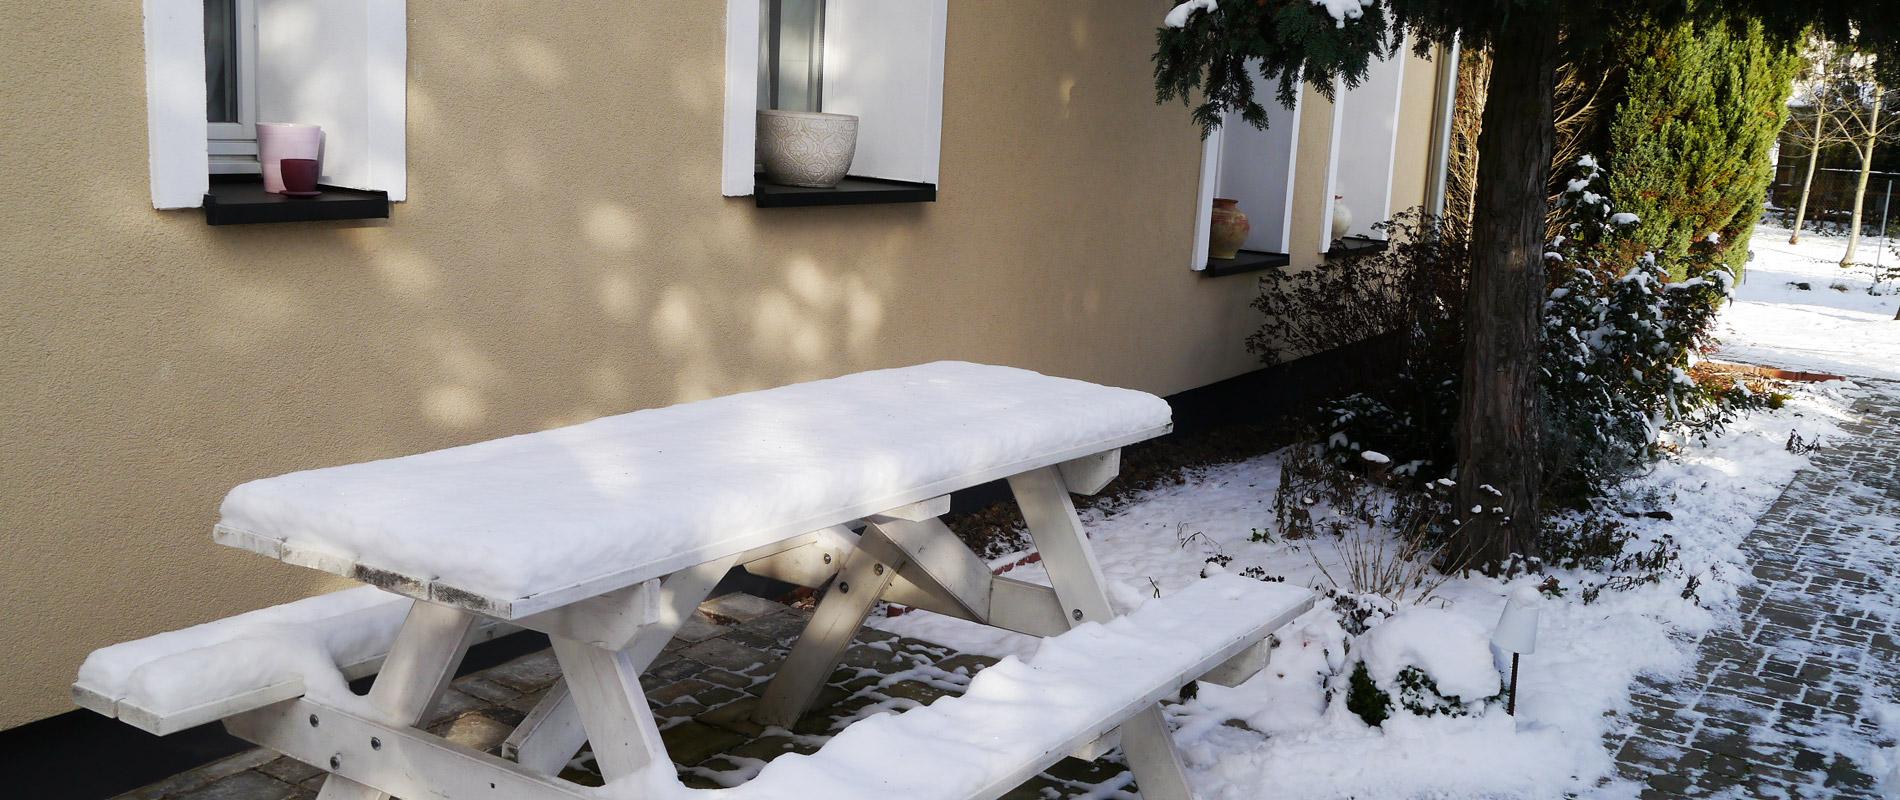 Ferienwohnung im Winter mit Bank vor dem Haus